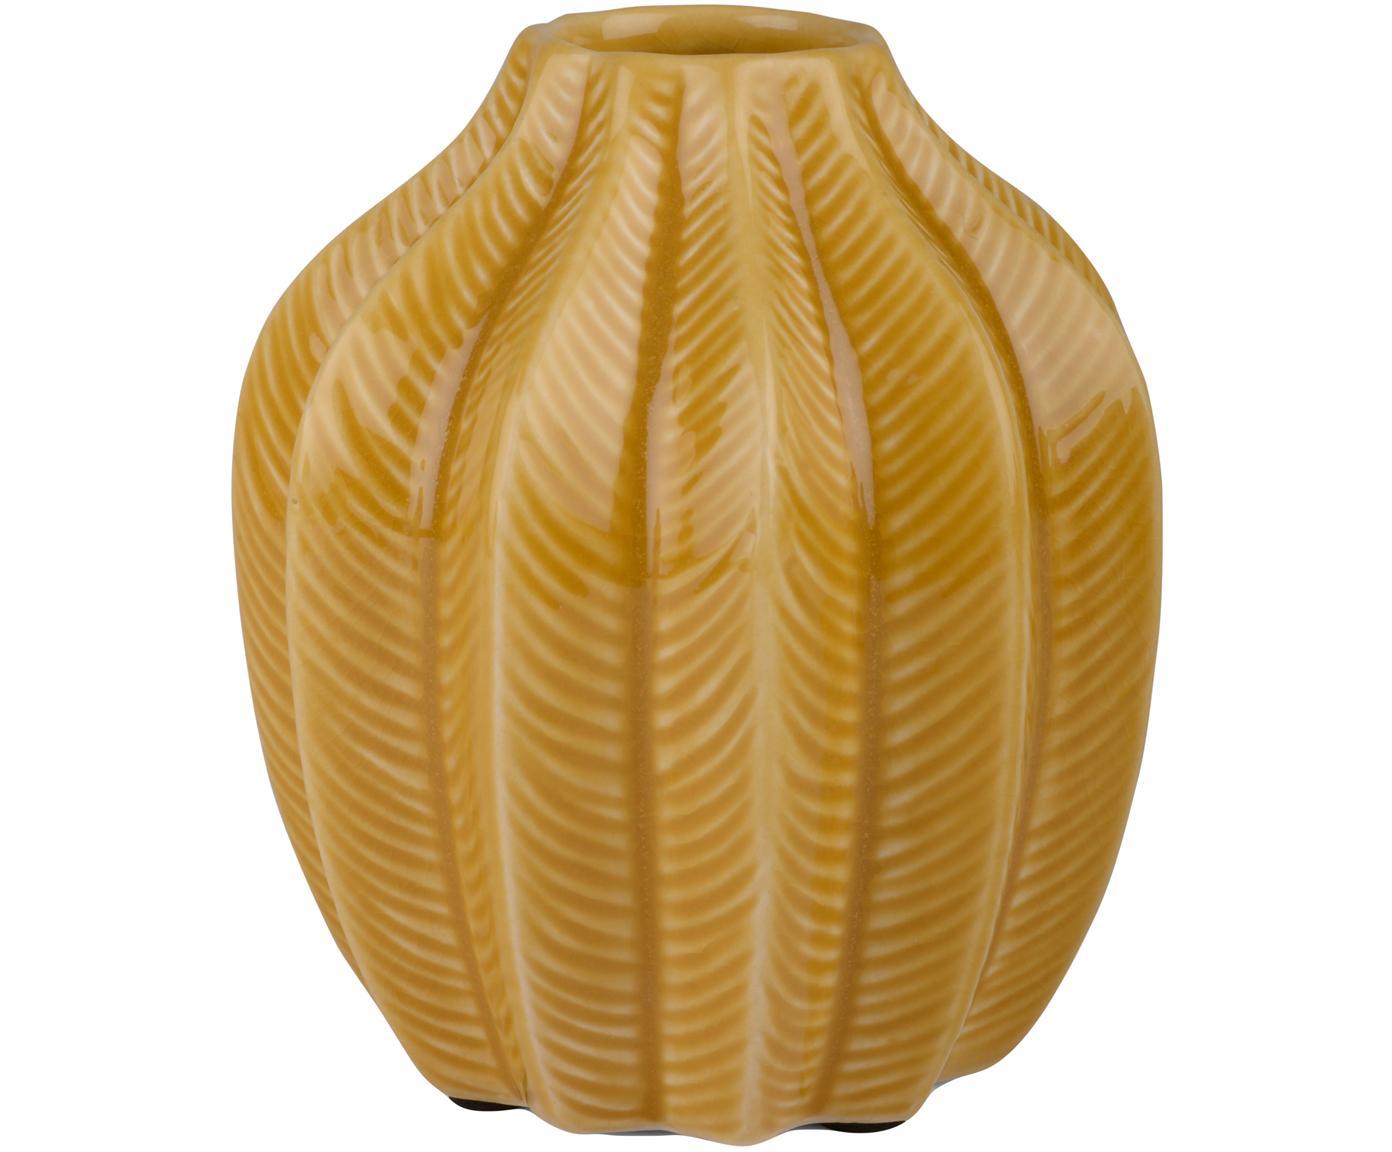 Vase Felicia aus Keramik, Keramik, Gelb, Ø 14 x H 15 cm